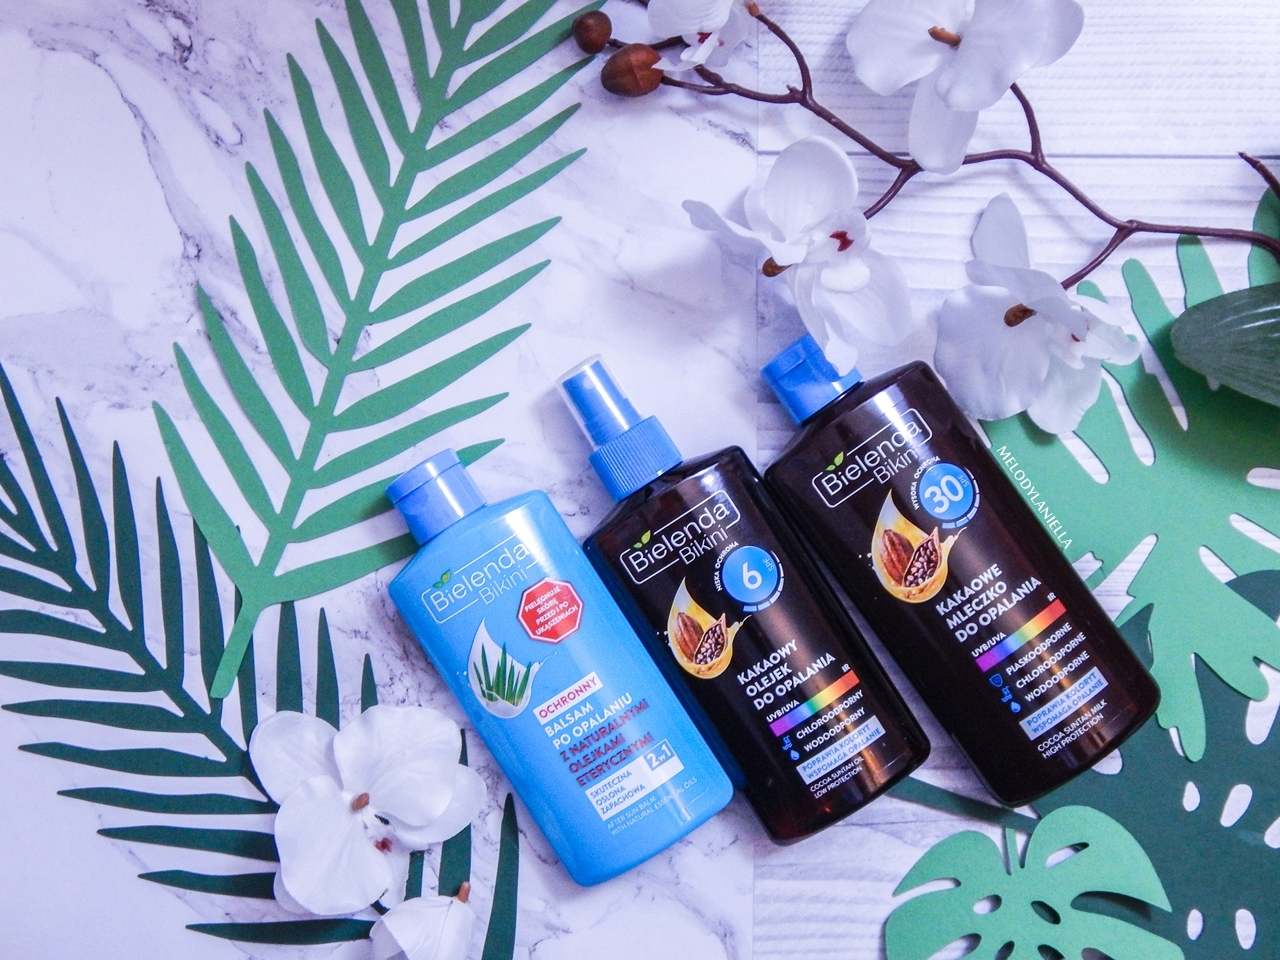 1 bielenda jak chronić skórę przed słońcem balsam po obalaniu bielenda bikini kakaowy olejek do opalania 6spf 30 spf jak dbać o skórę latem ochrona skóry w wakacje recenzje opinie bielenda melodylaniella